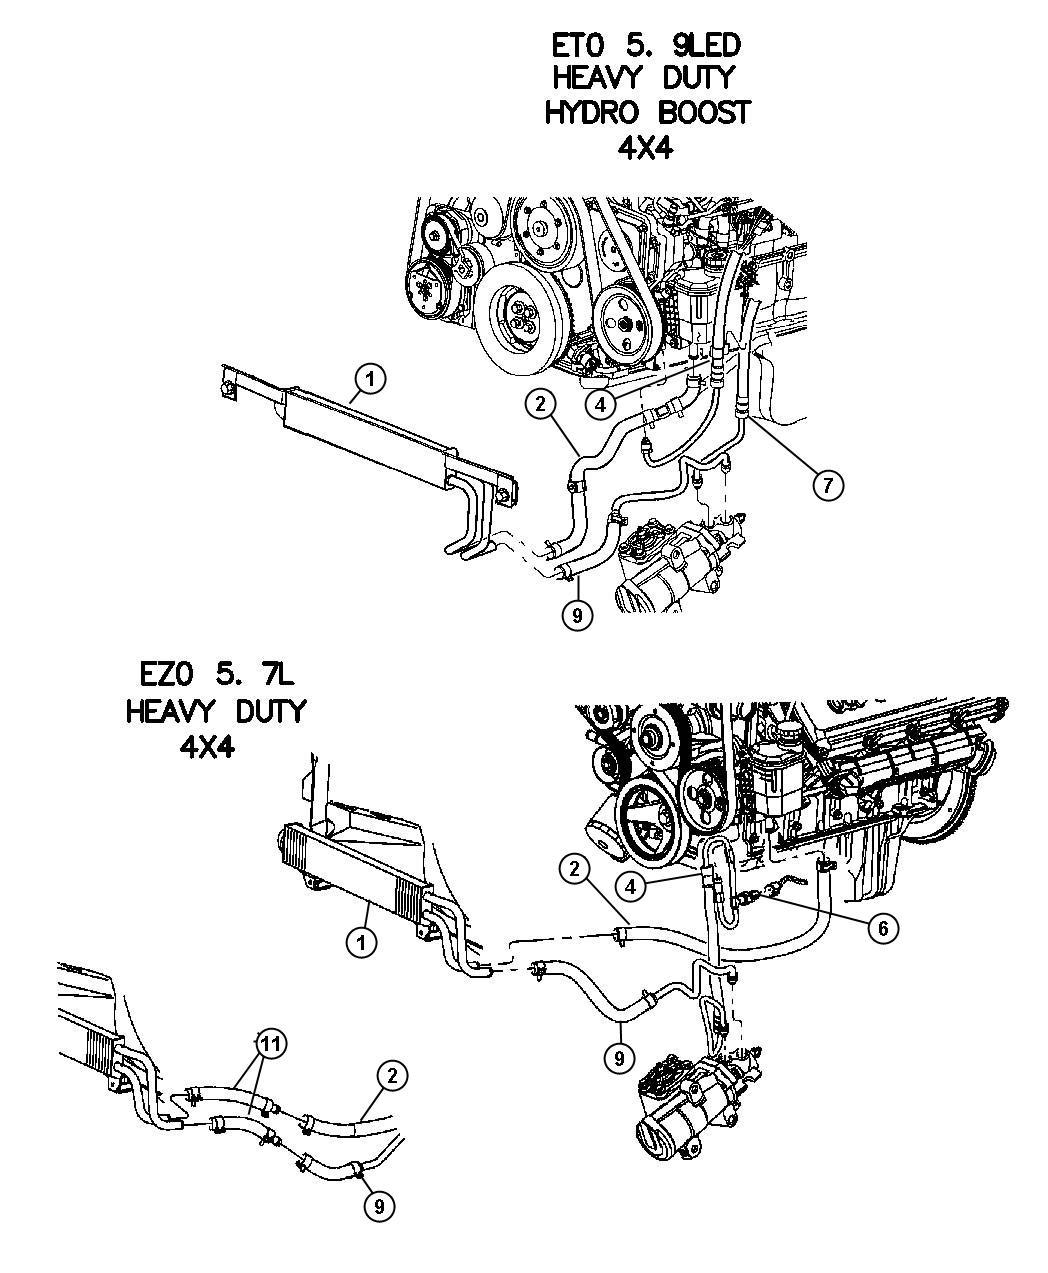 2004 Dodge Ram 2500 Hose. Power steering pressure